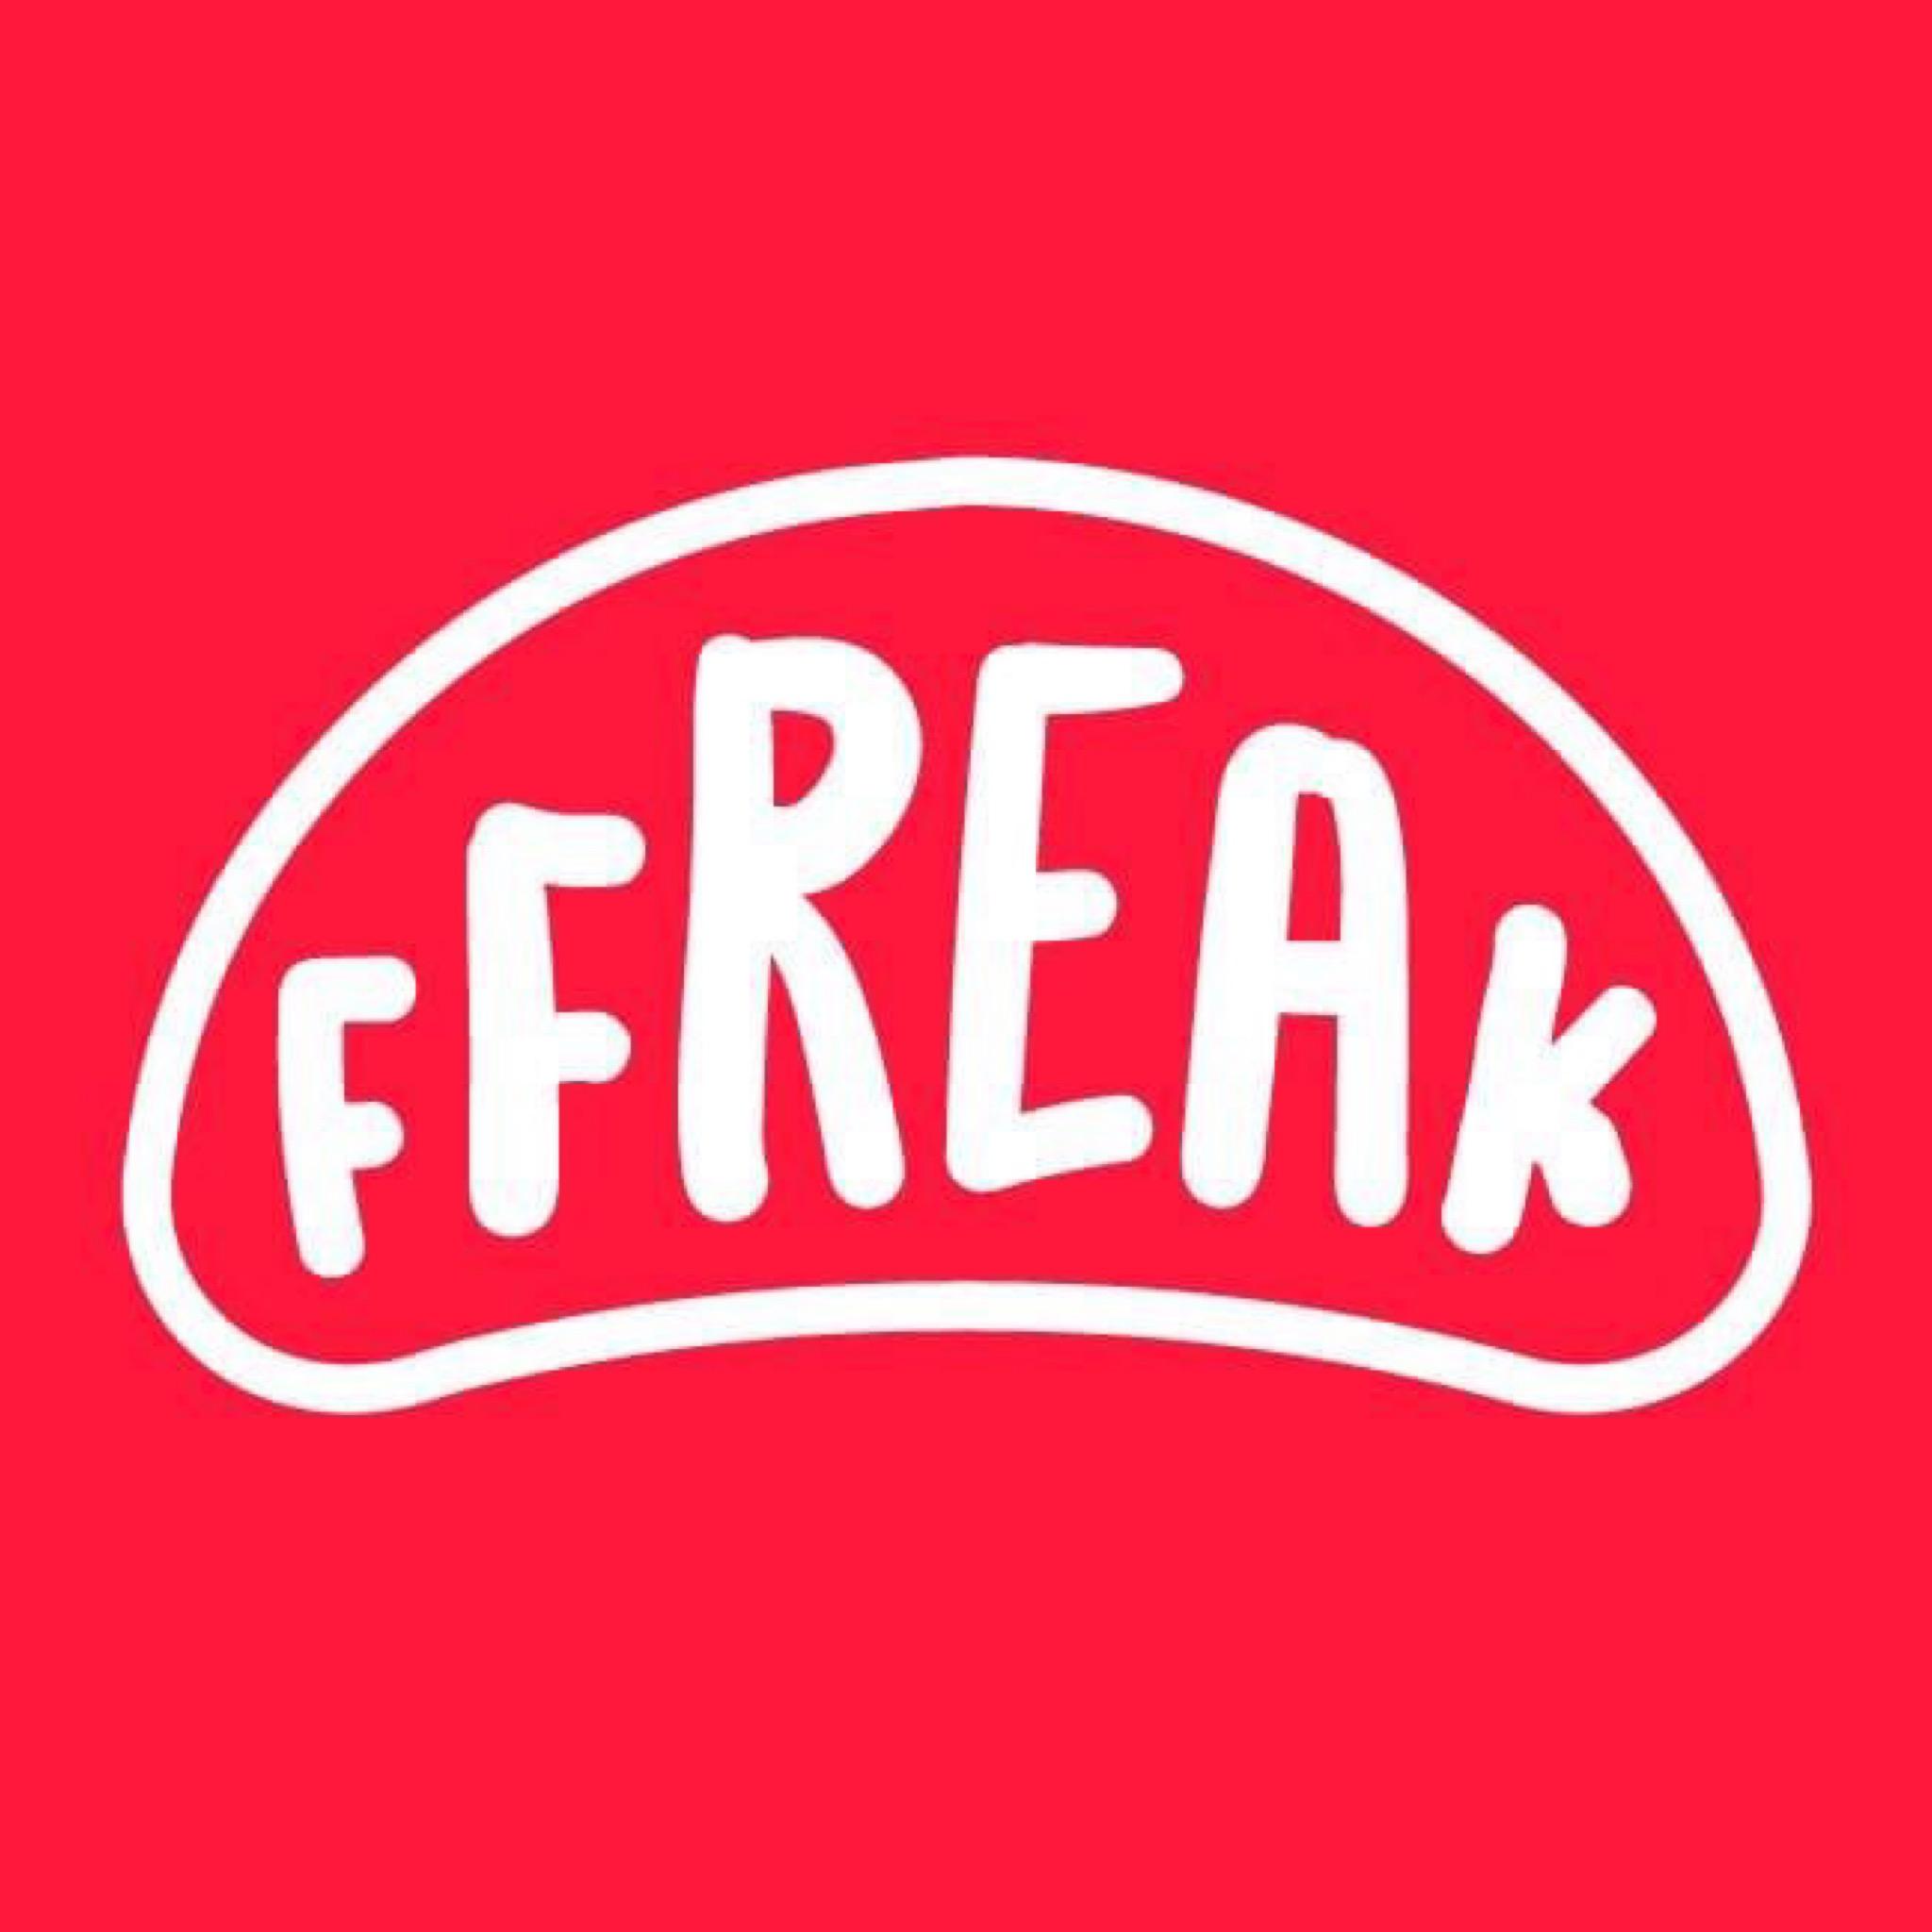 ffreak